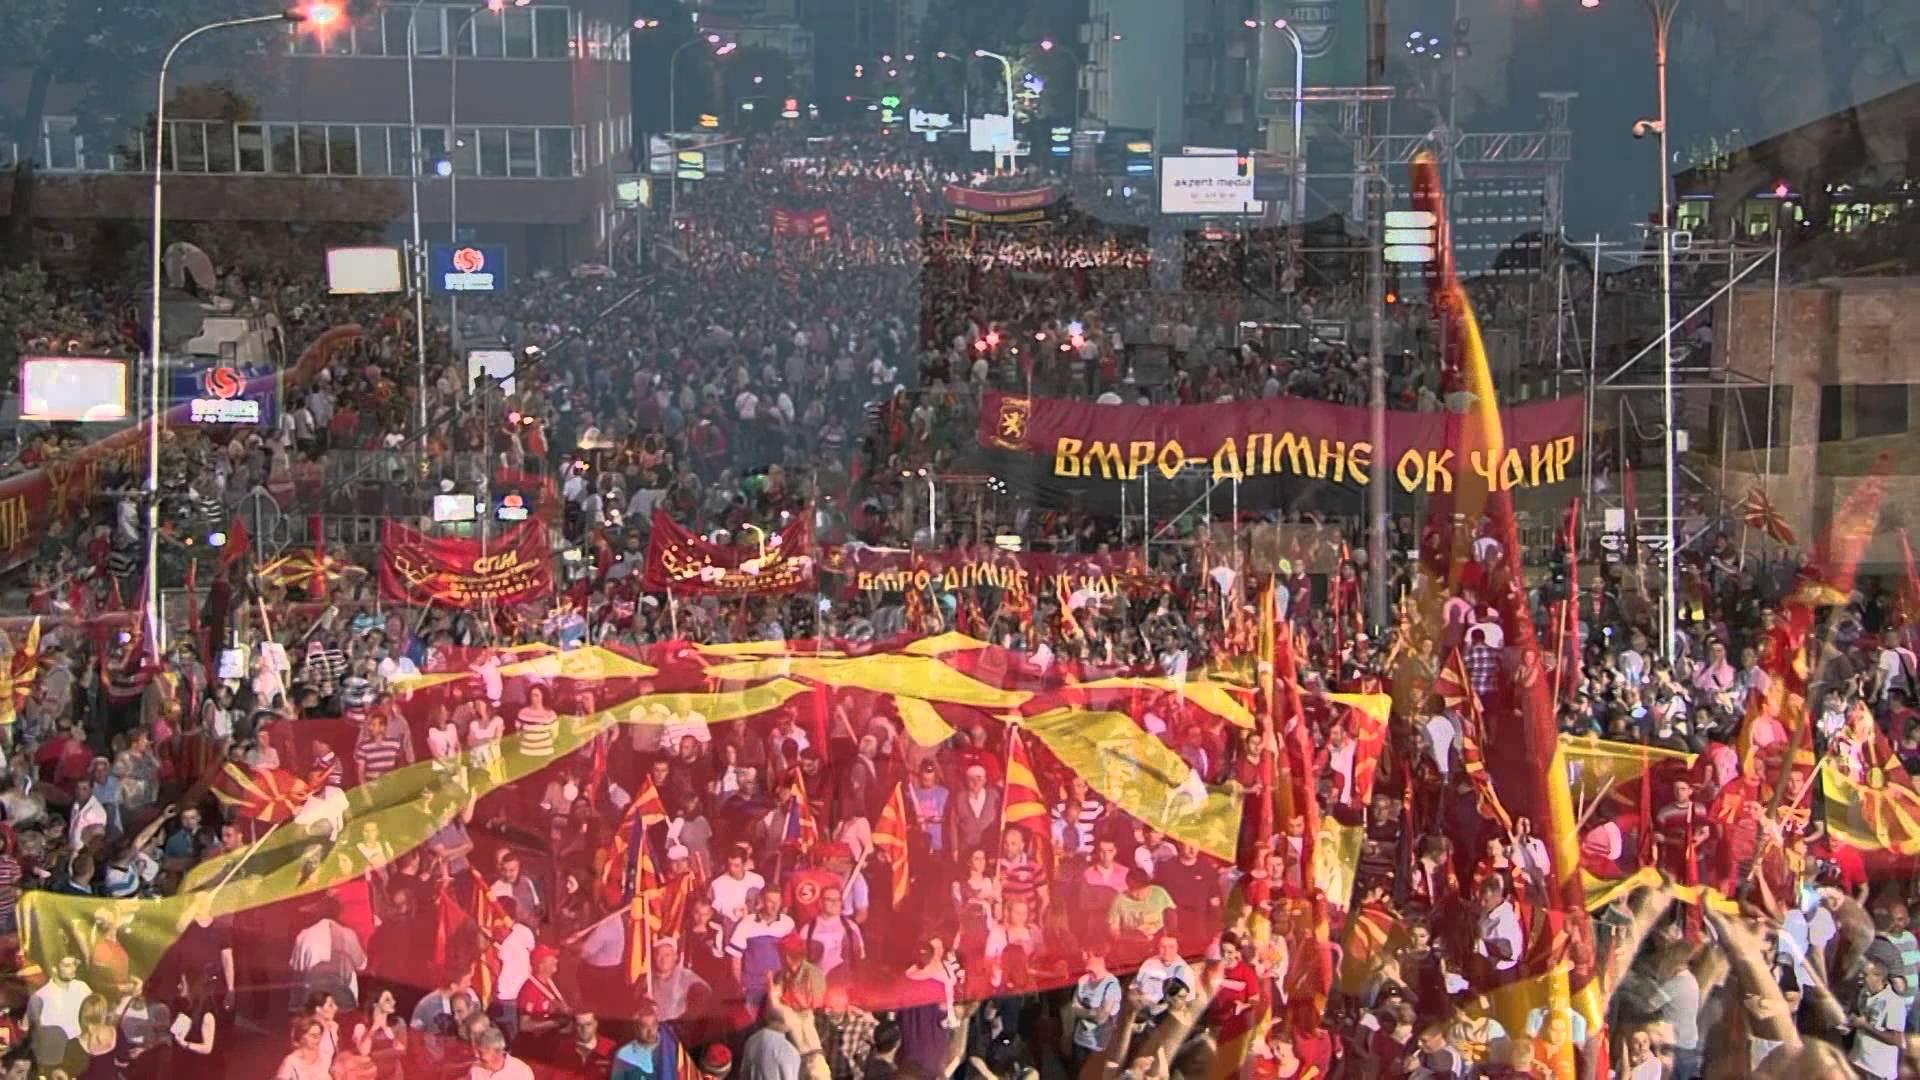 ВМРО ДПМНЕ  Тргаме во офанзива  нападната ни е Татковината  Македонија треба да се брани